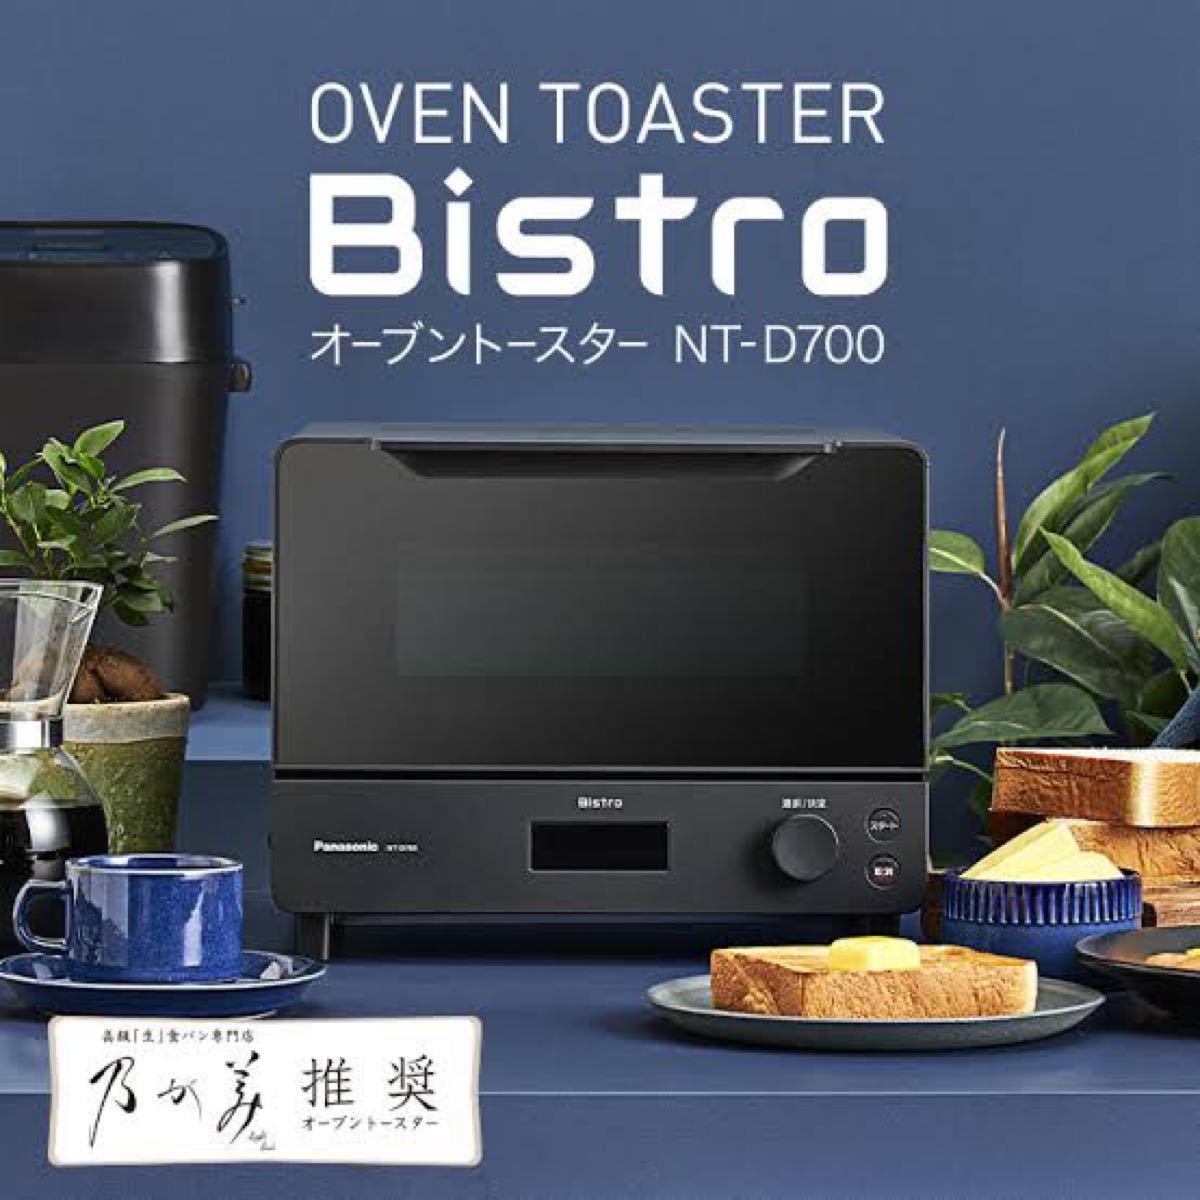 パナソニック オーブントースター ビストロ 8段階温度調節 オーブン調理 ブラック NT-D700-K